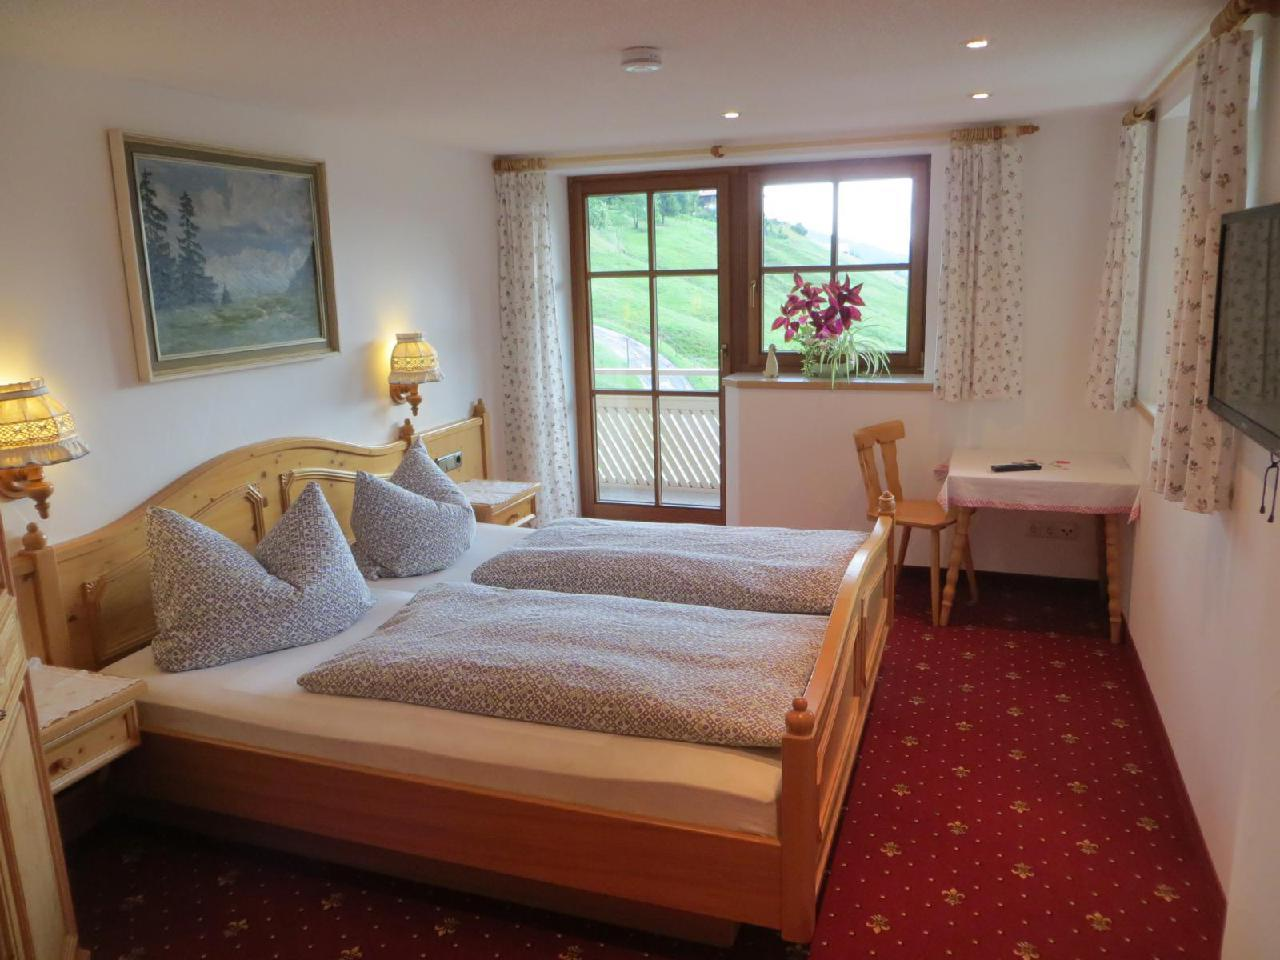 Ferienwohnung Gästehaus am Berg, Ferienwohnung Kanzelwand, 4 Schlafzimmer (772001), Hirschegg, Kleinwalsertal, Vorarlberg, Österreich, Bild 8